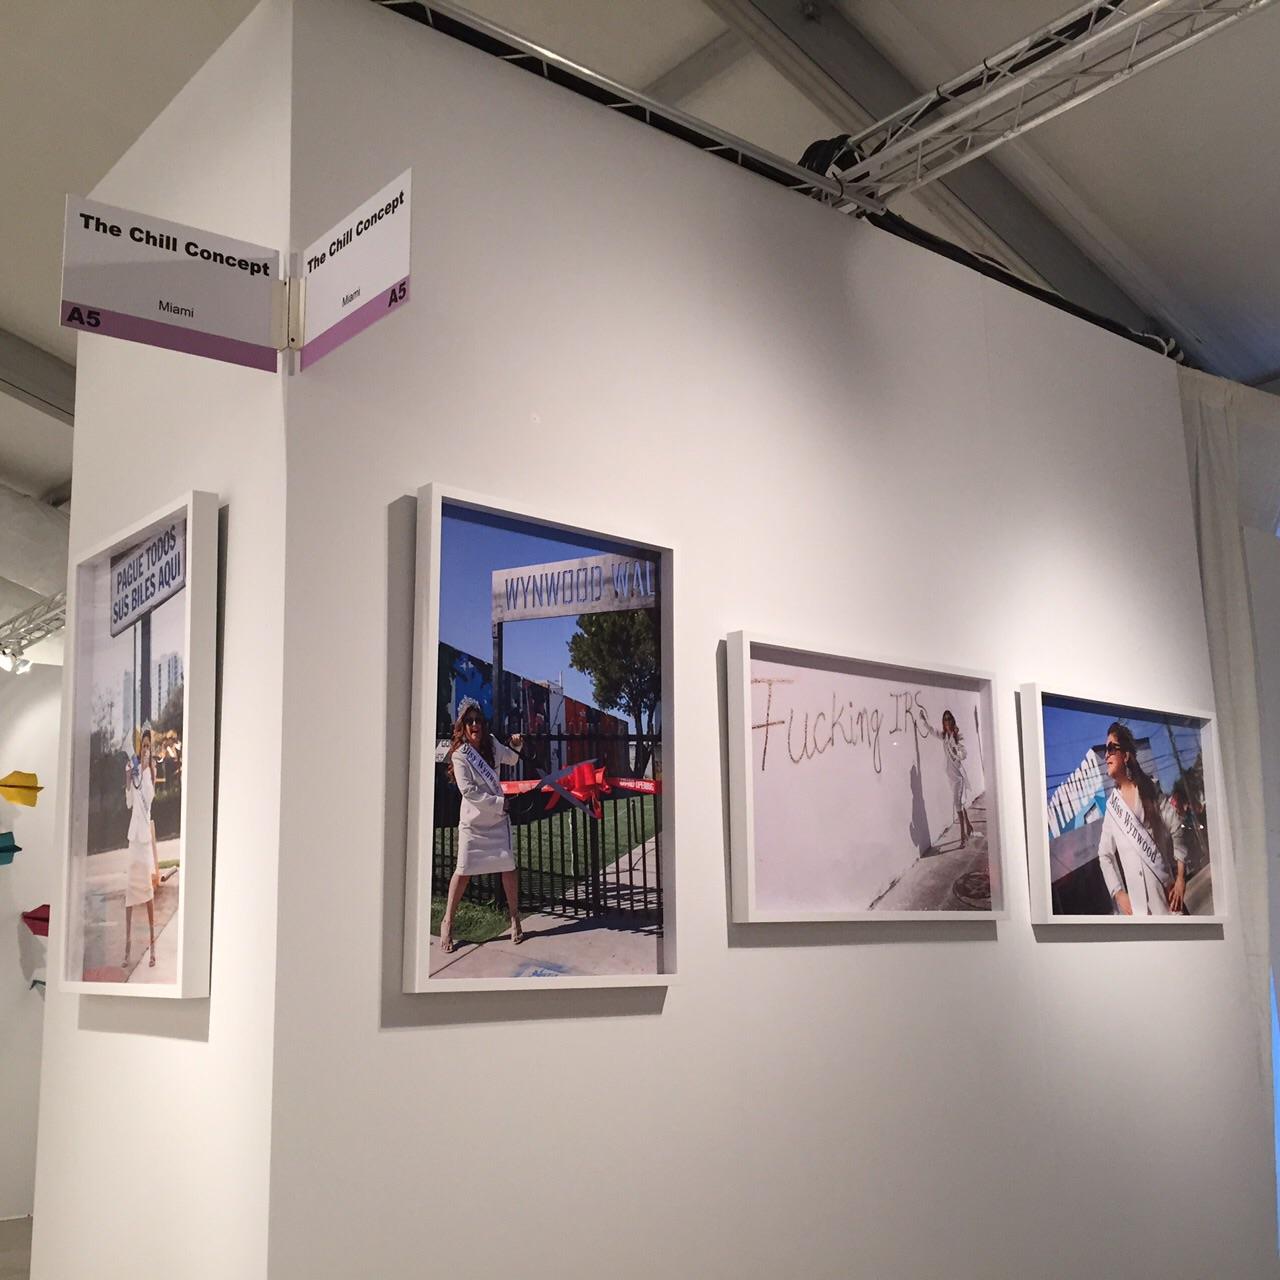 nina-dotti-art-fairs-biennials-art-wynwood-miss-wynwood-1.jpg